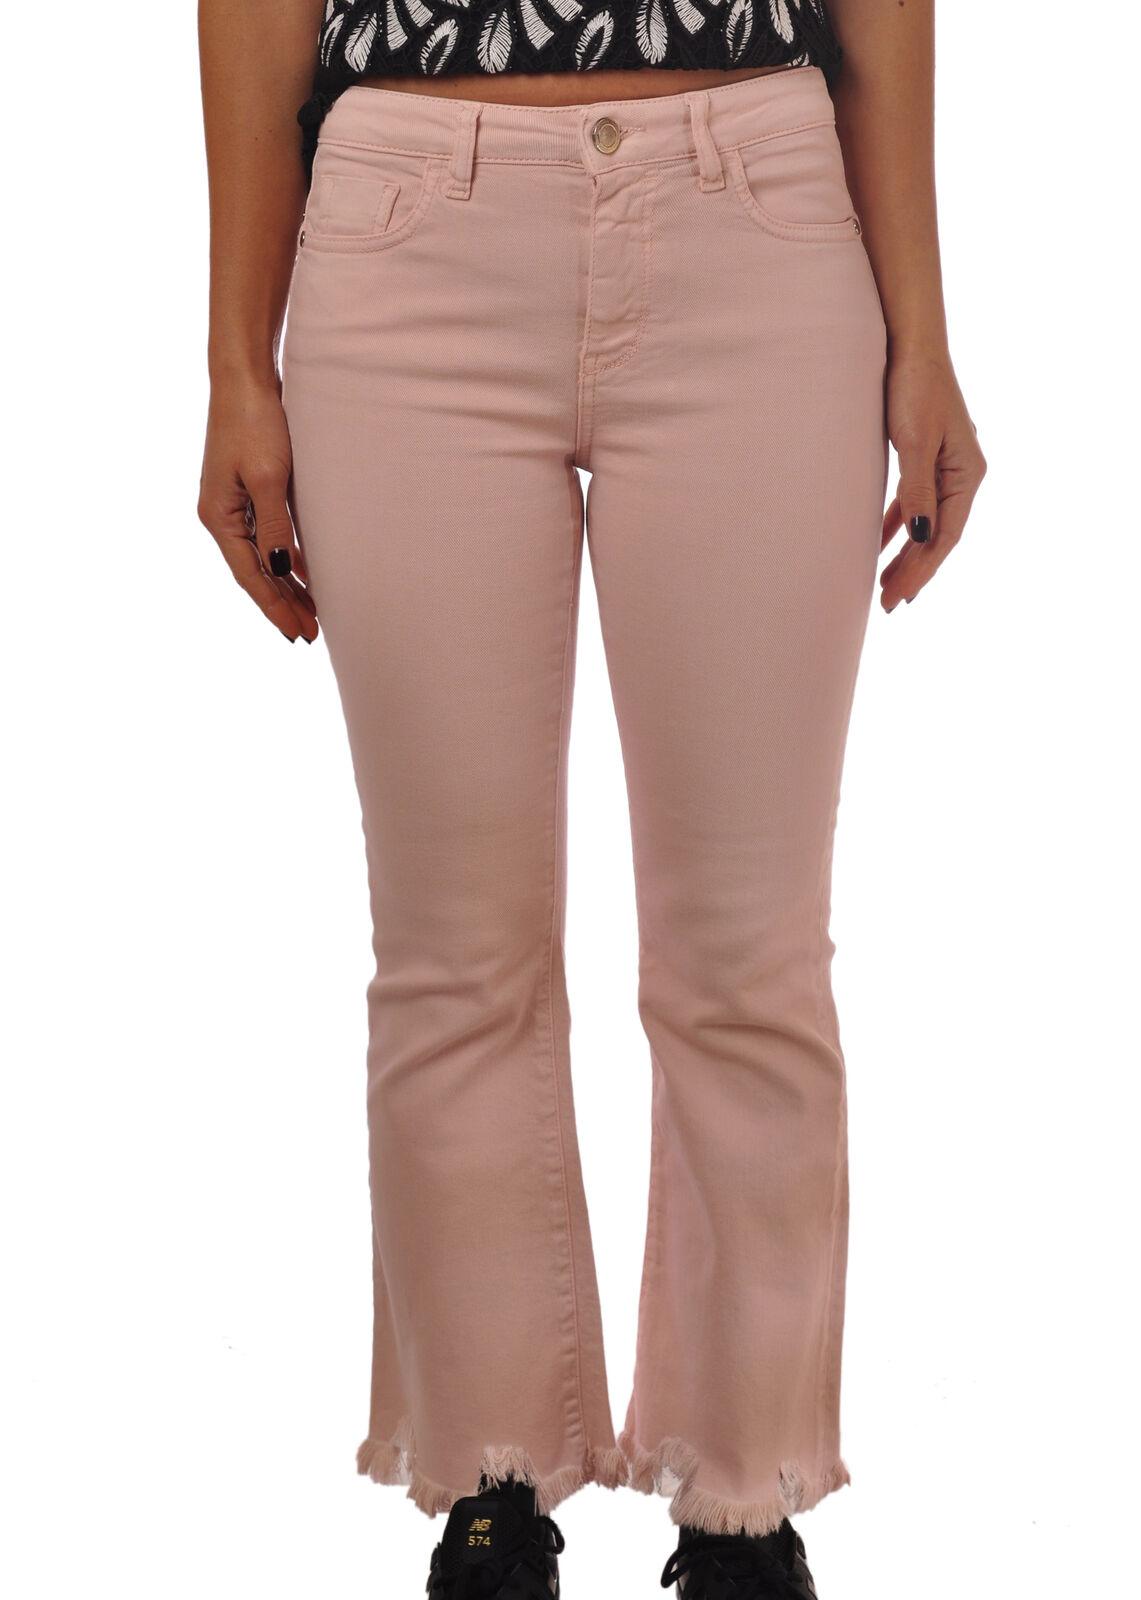 Pinko - Pants-Pants - Woman - Pink - 4771409G184329